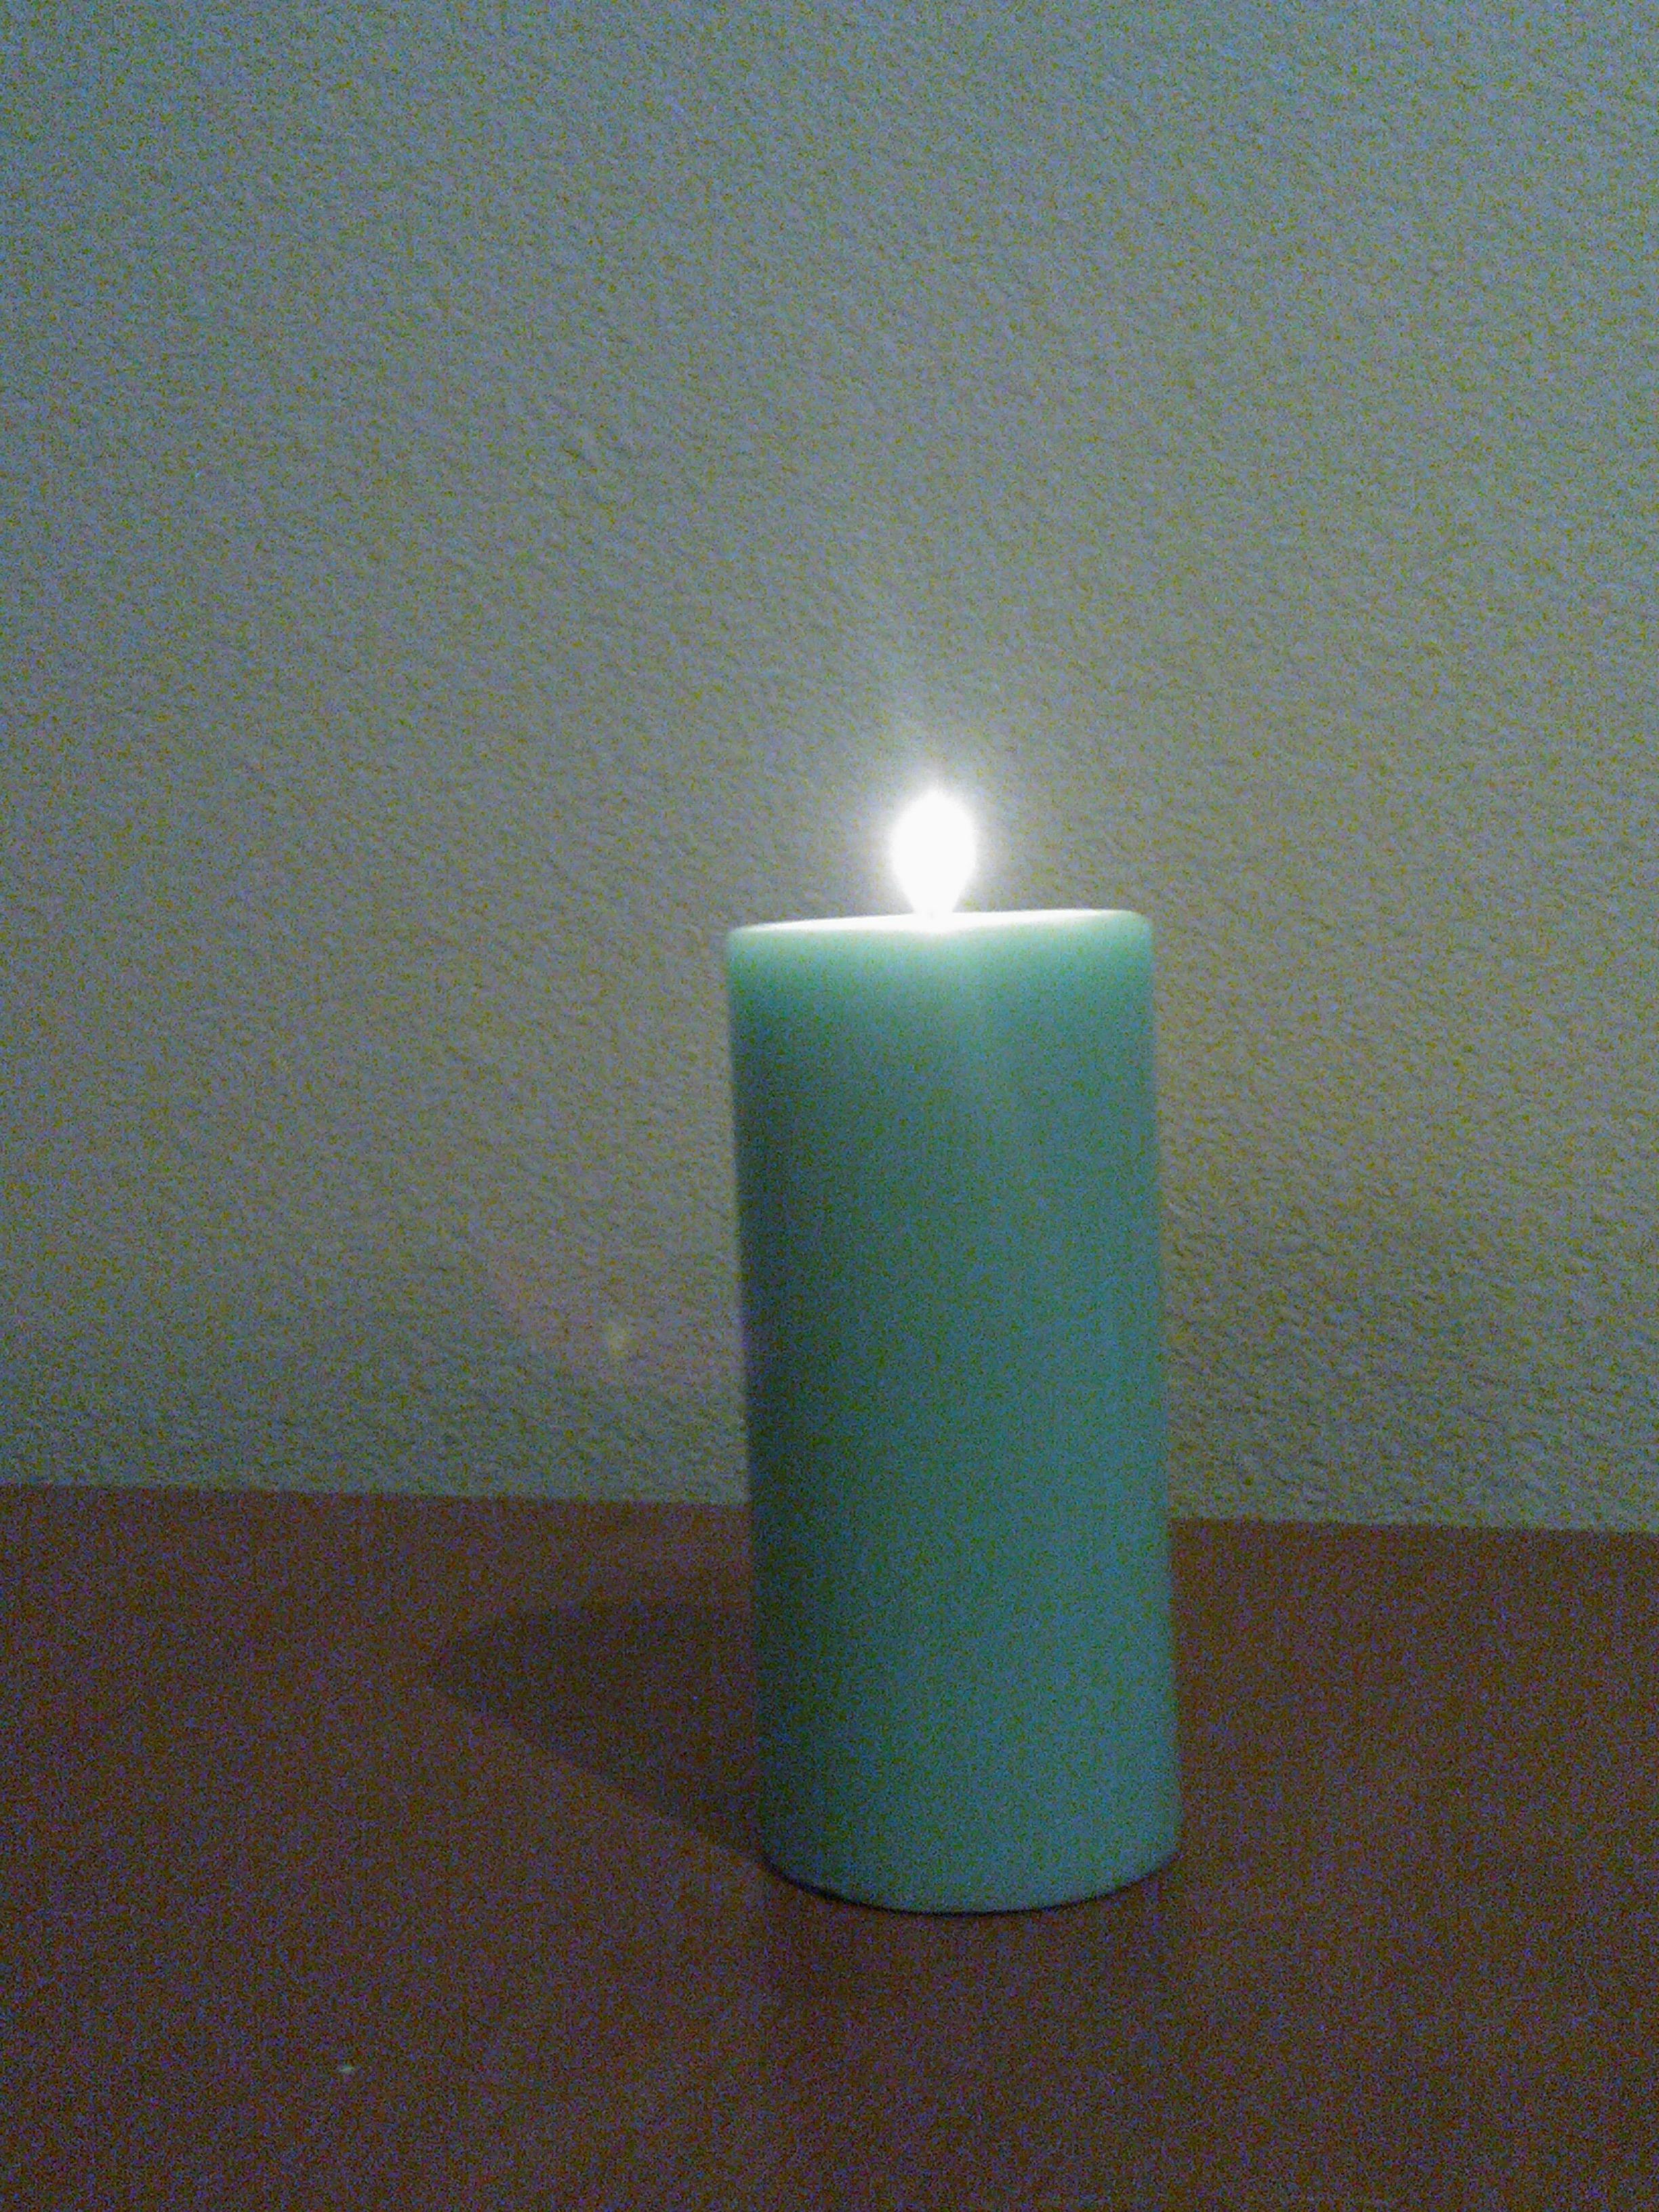 Candle Secret Compartment